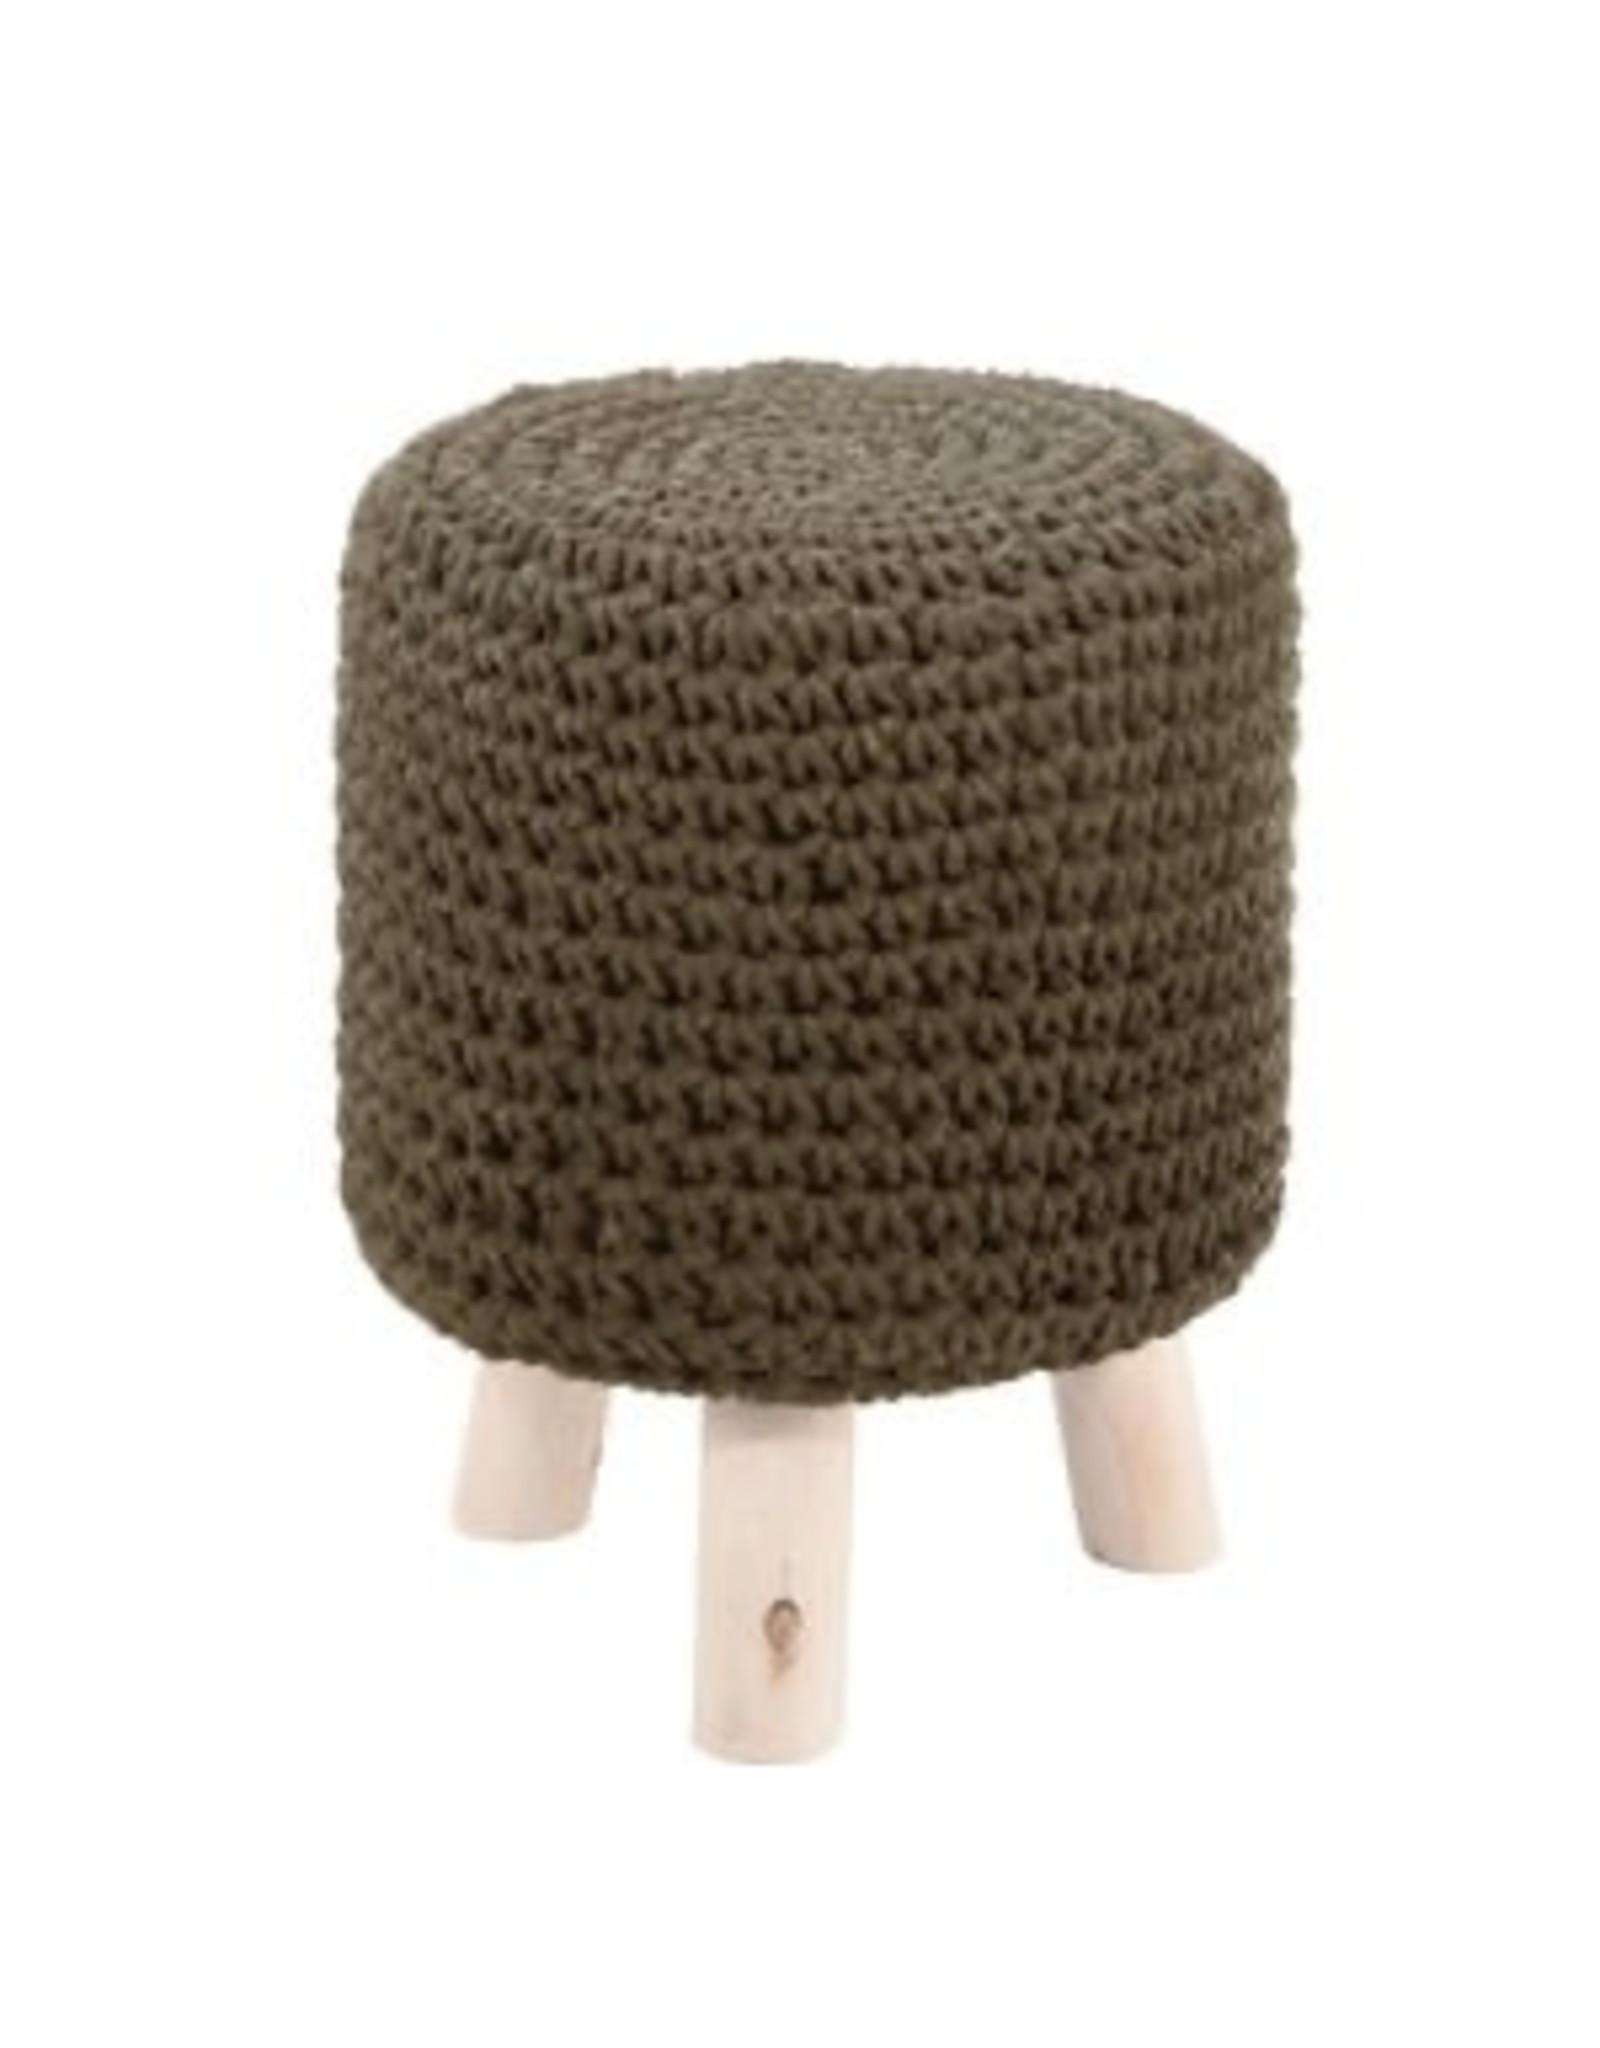 TriPar Wood Knit Footstool - Small Green